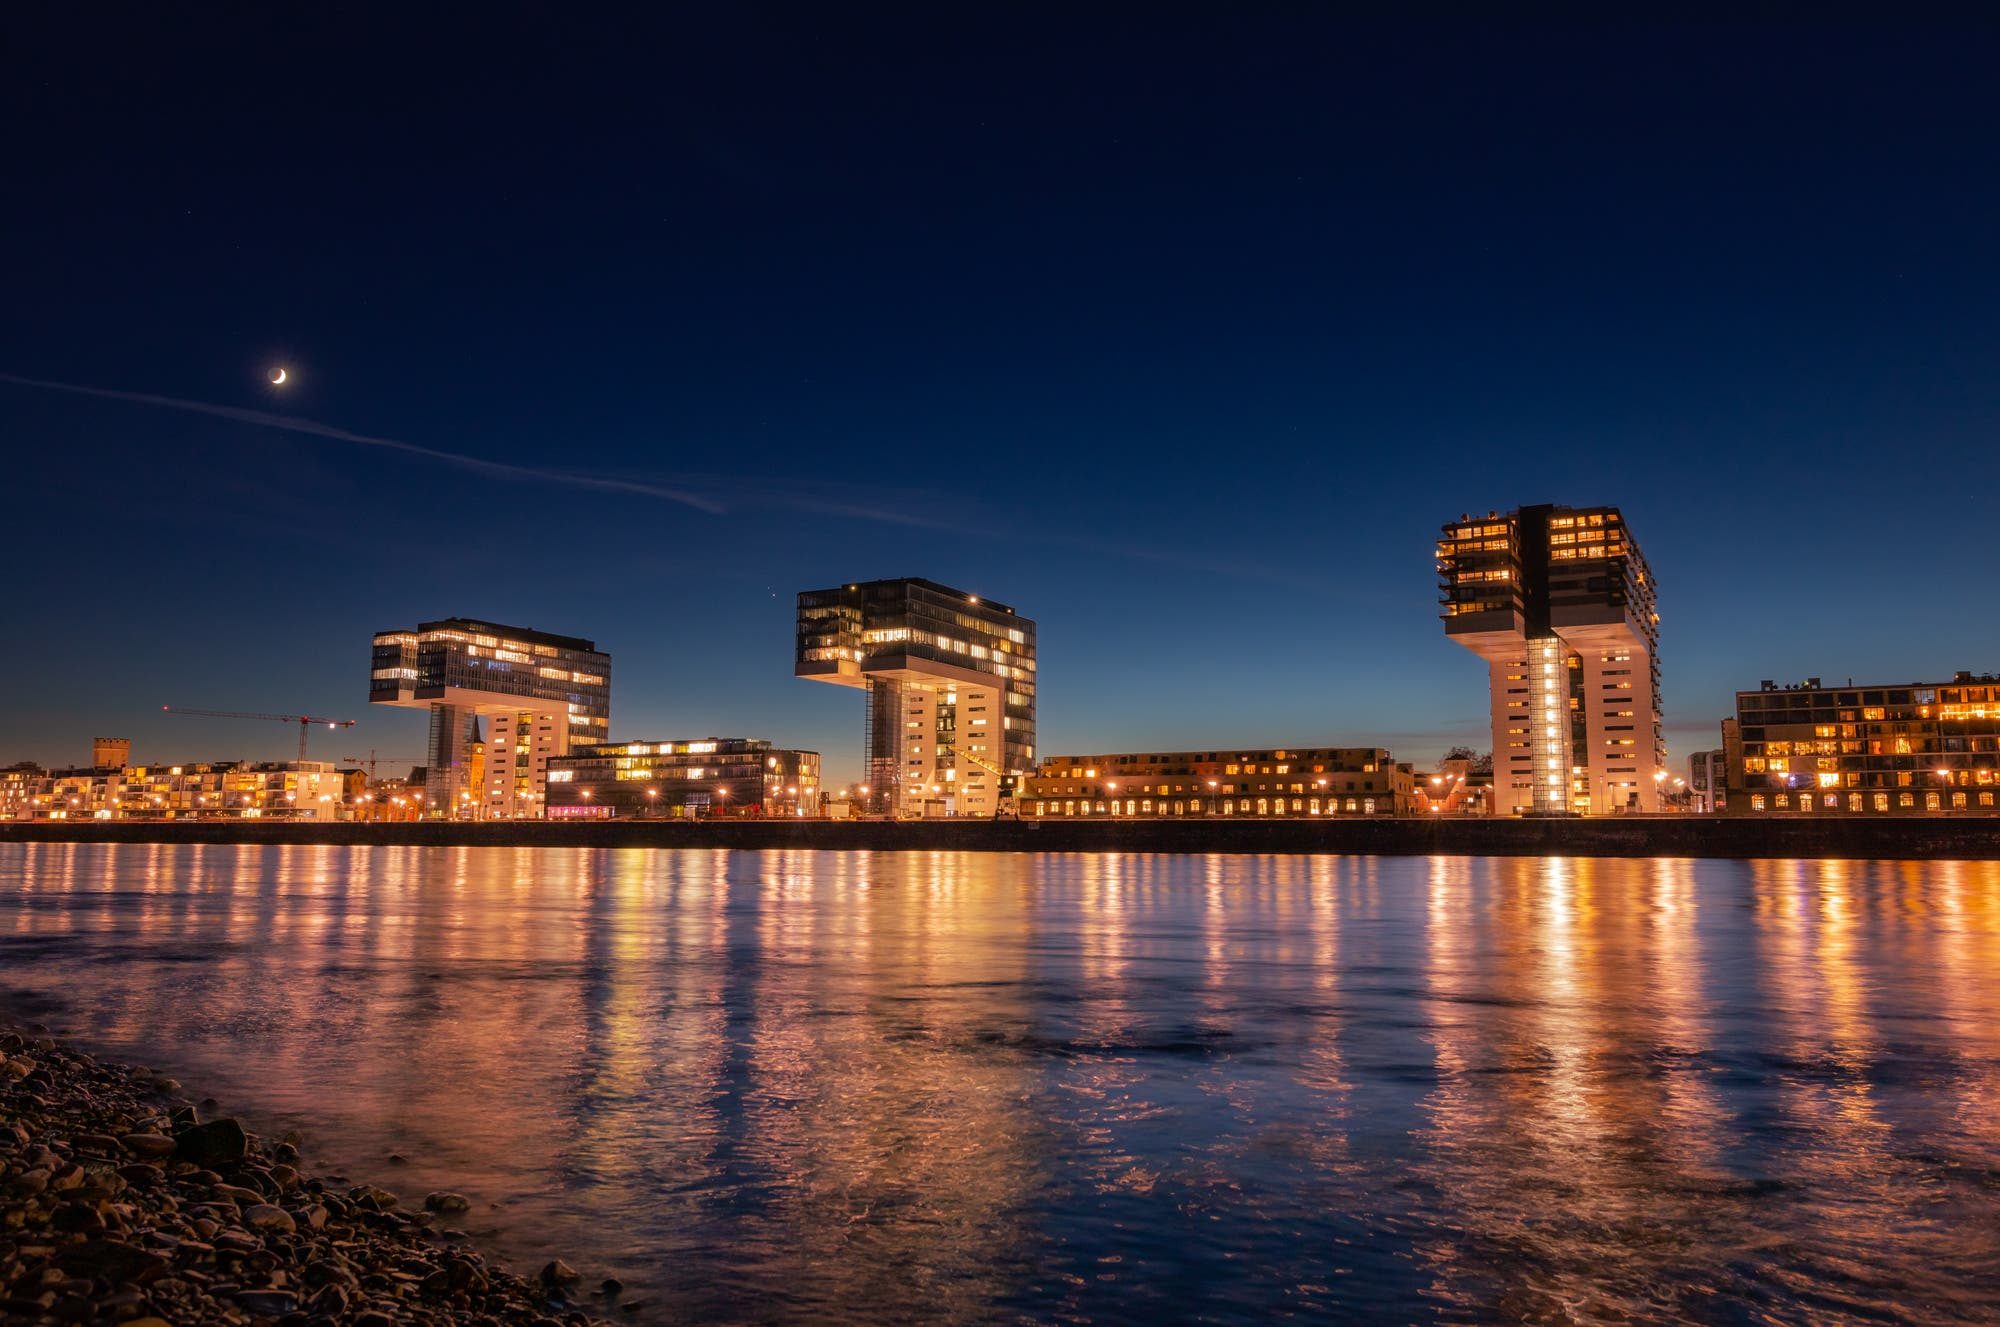 Kranhäuser in Köln mit Planeten und Mond